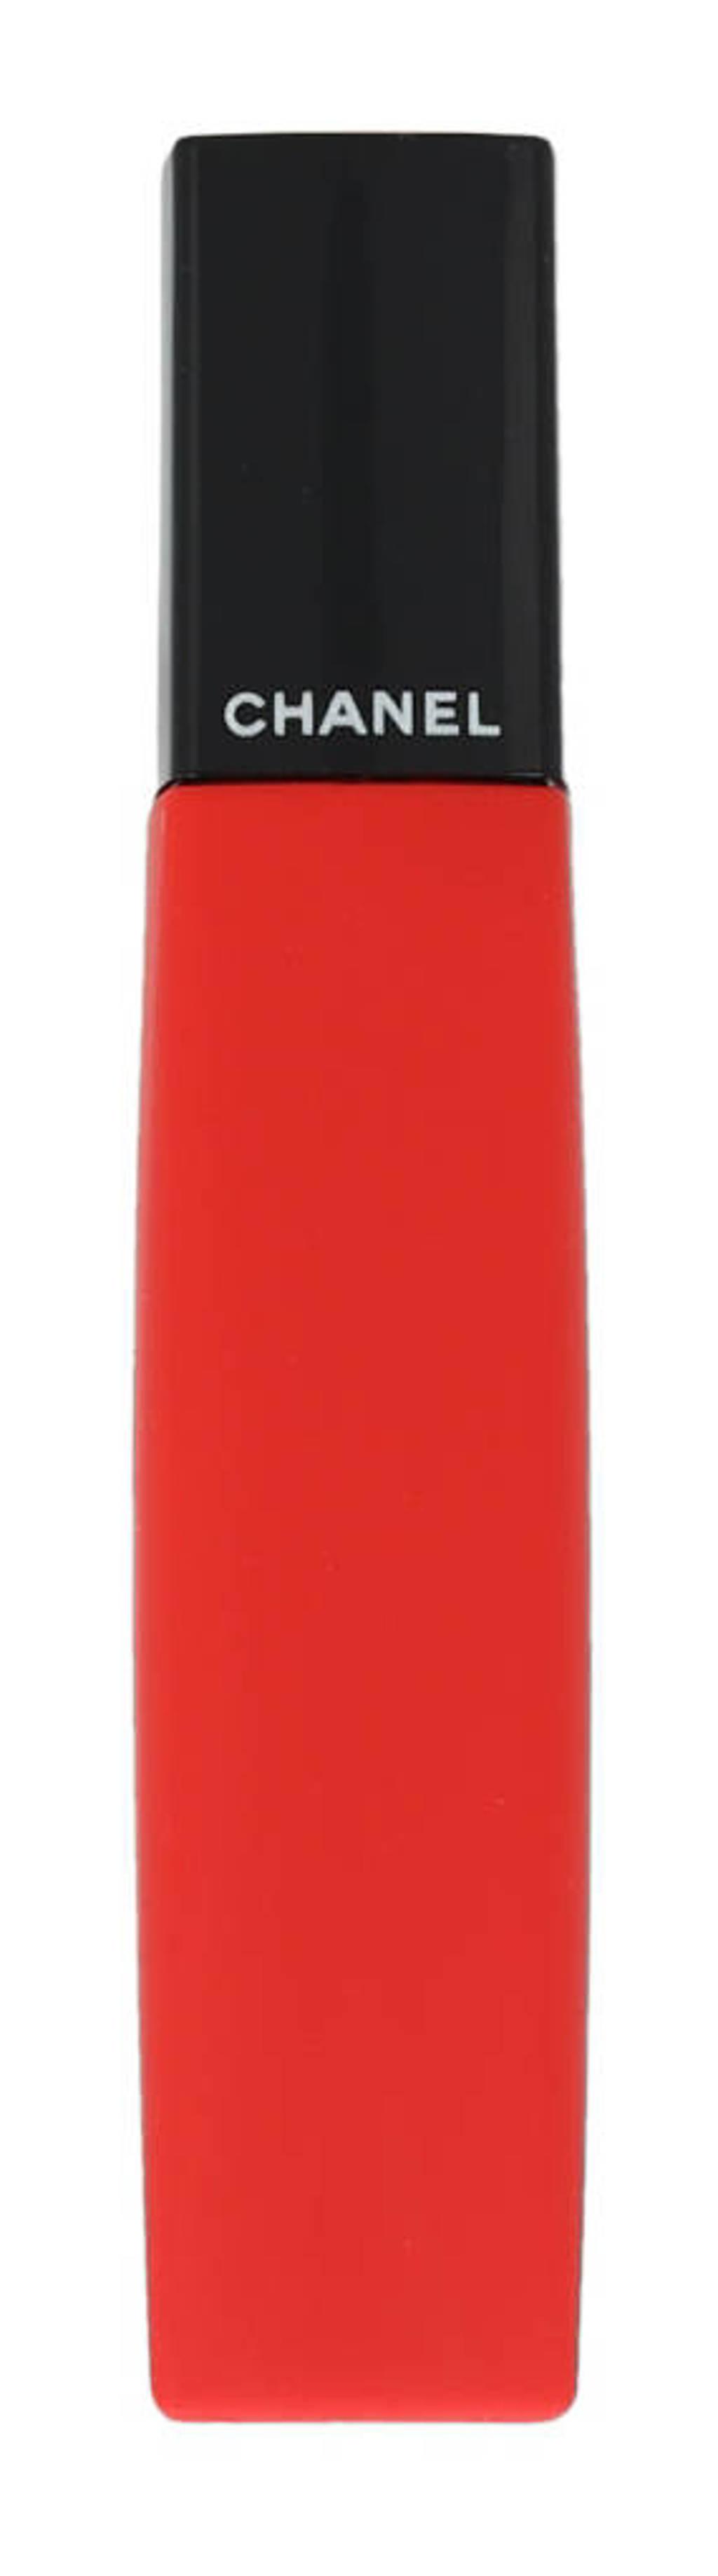 Chanel Rouge Allure Liquid Powder Lip Colour lippensitft - 962 Electric Blossom, 962 Electric Blossom